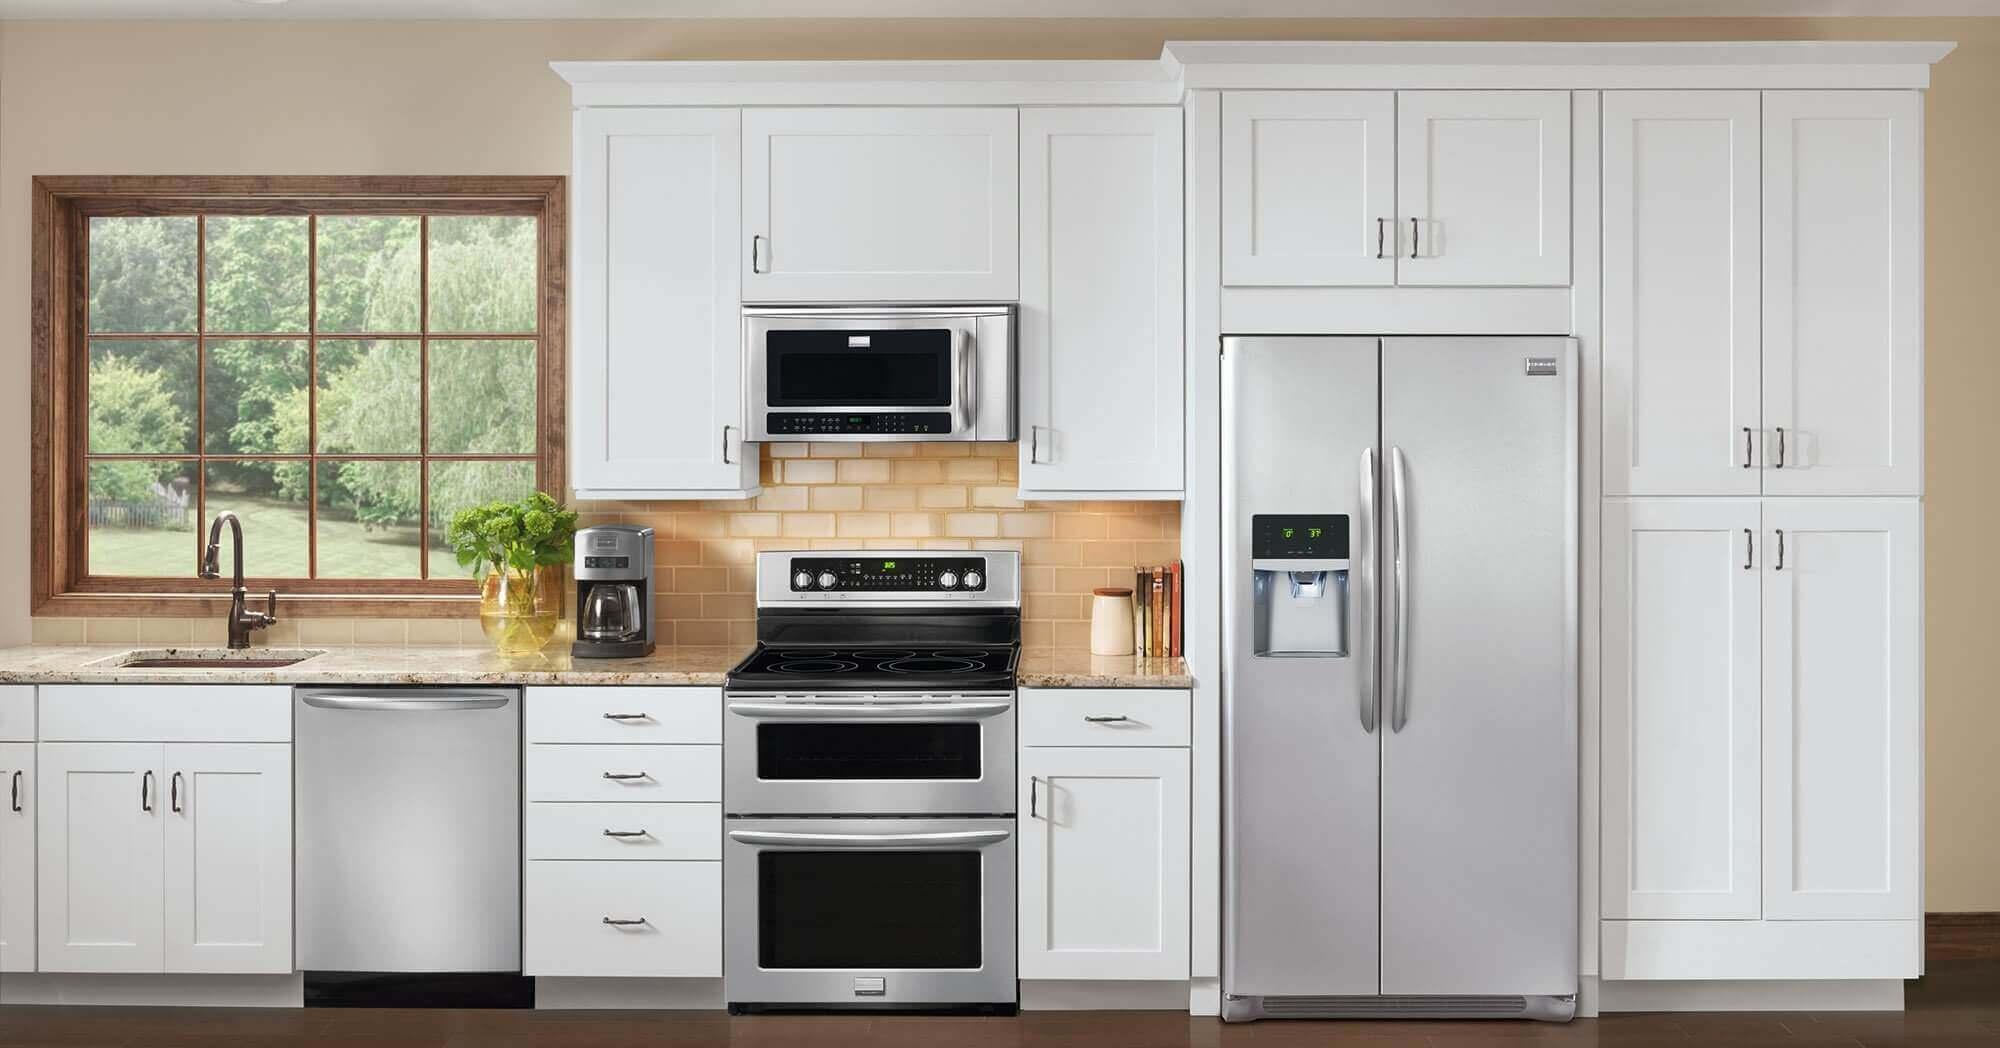 Frigidaire Appliances at Mrs. G\'s | Frigidaire Kitchen Appliances ...